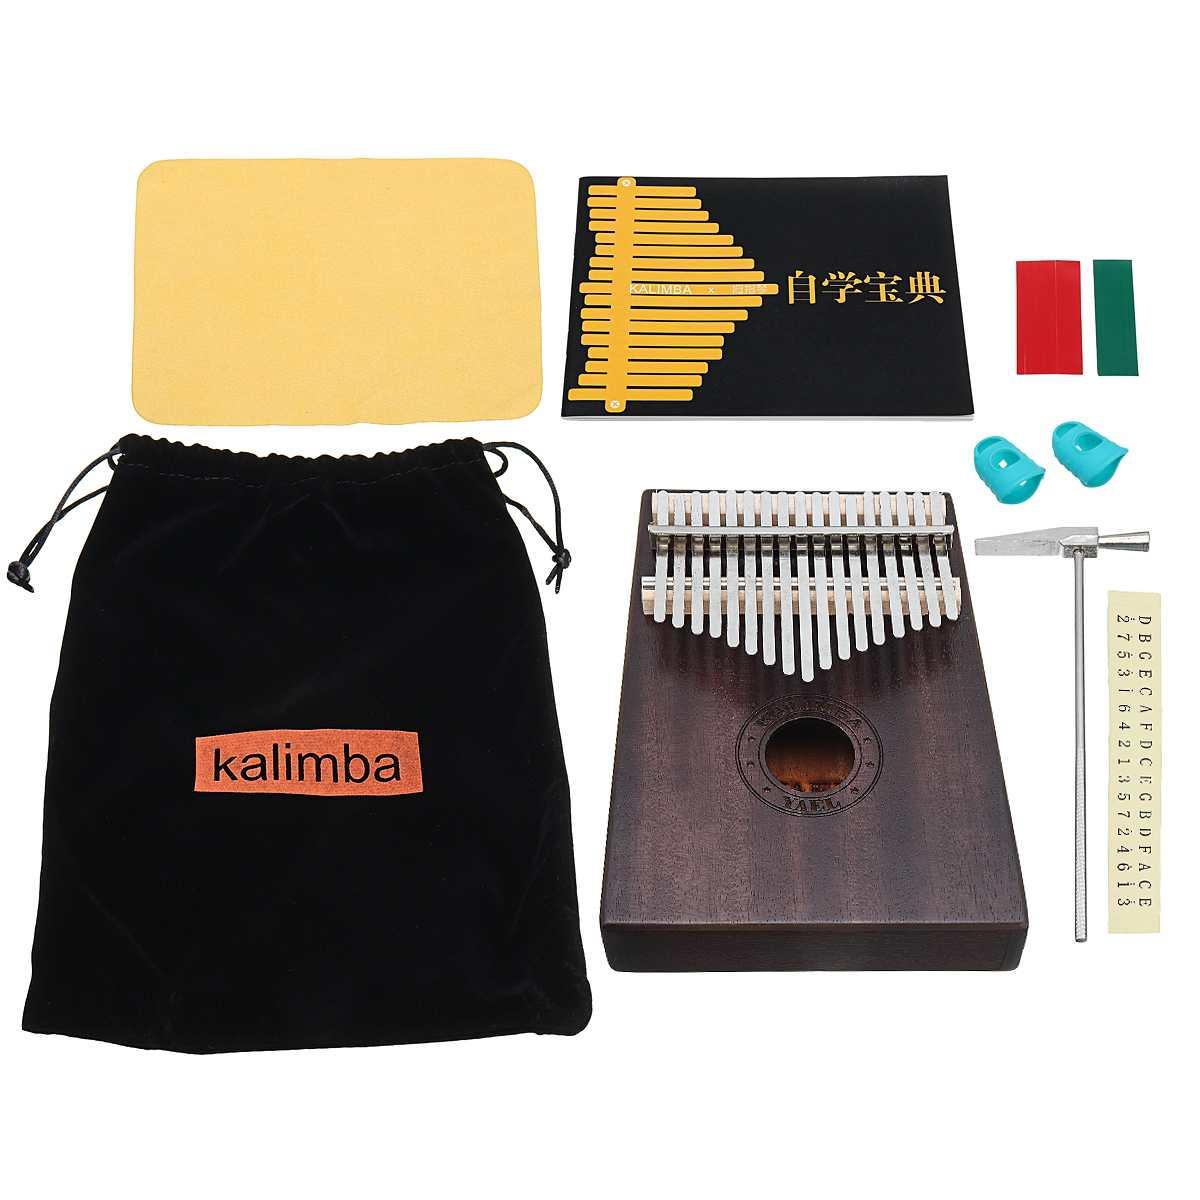 17 Key Kalimba African Solid Mahogany Thumb Finger Piano 17 Keys Solid Wood Kalimba Mbira Thumb With Bag And Learning Book